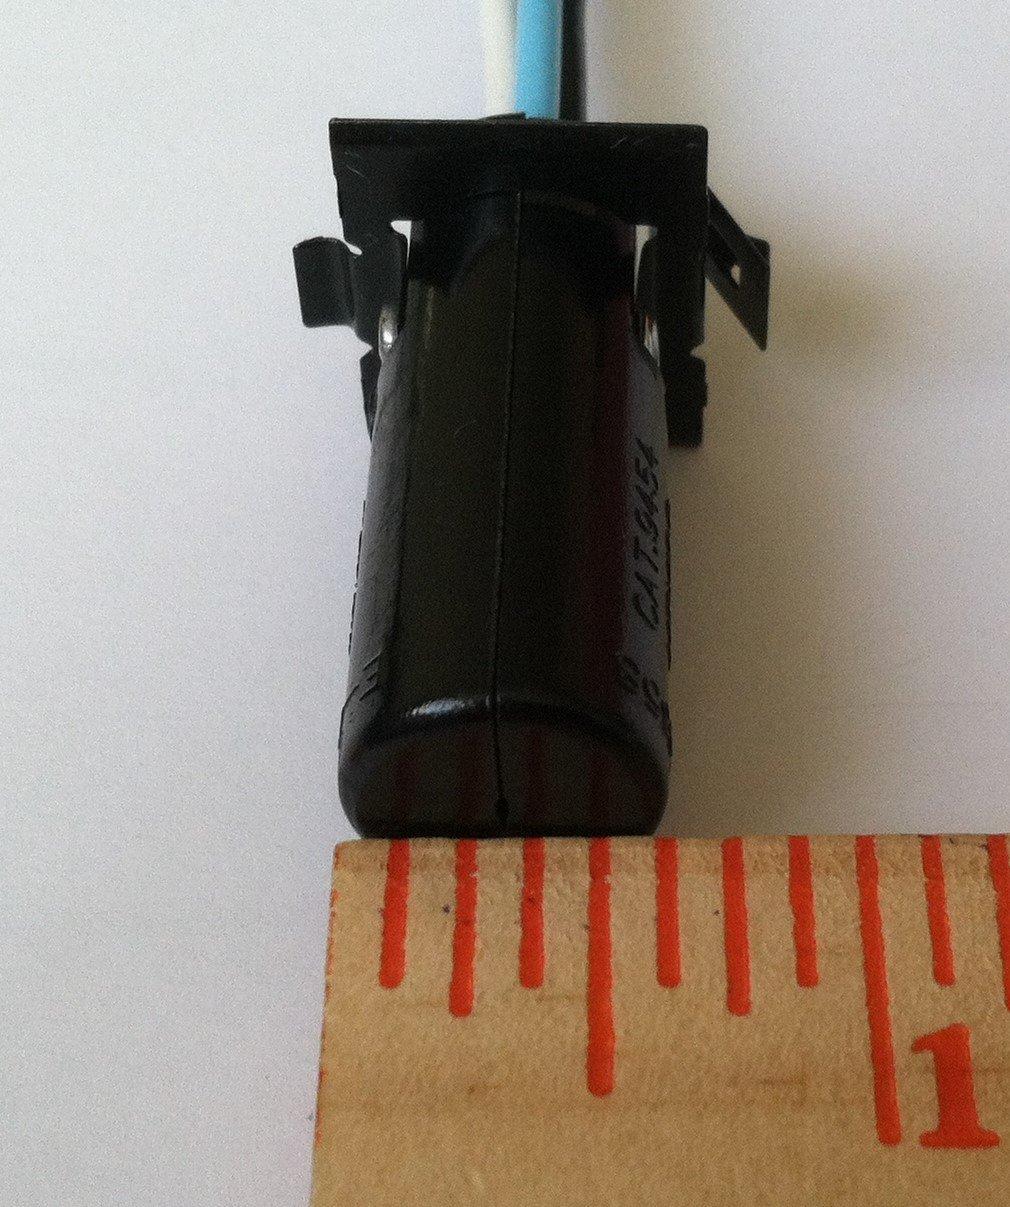 Thermal Detector Protector Cutoff Sensor 120 Volt 3-Wires CAT#9454 ...